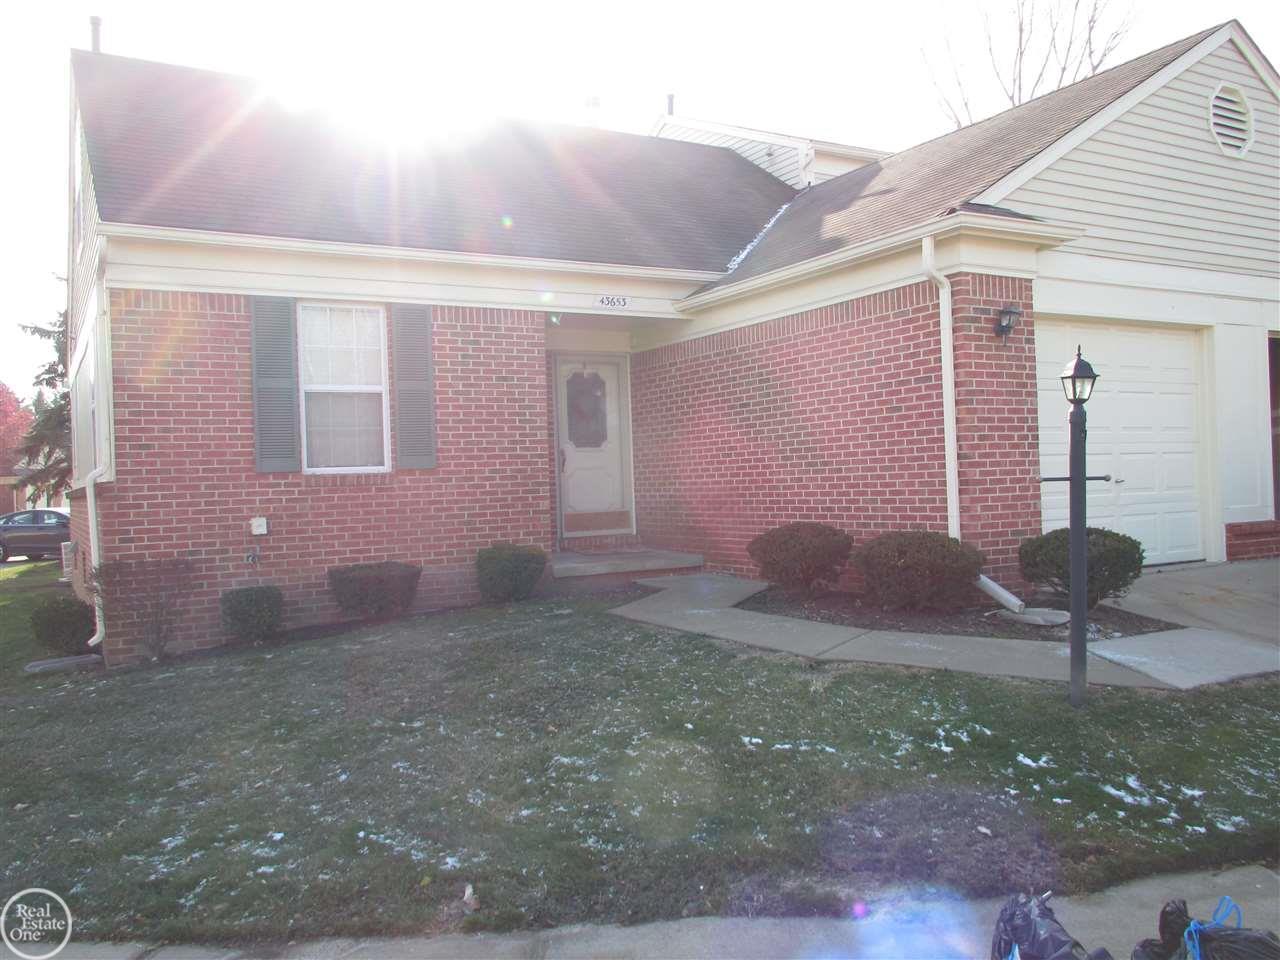 43653 Yorkville Court, # 2